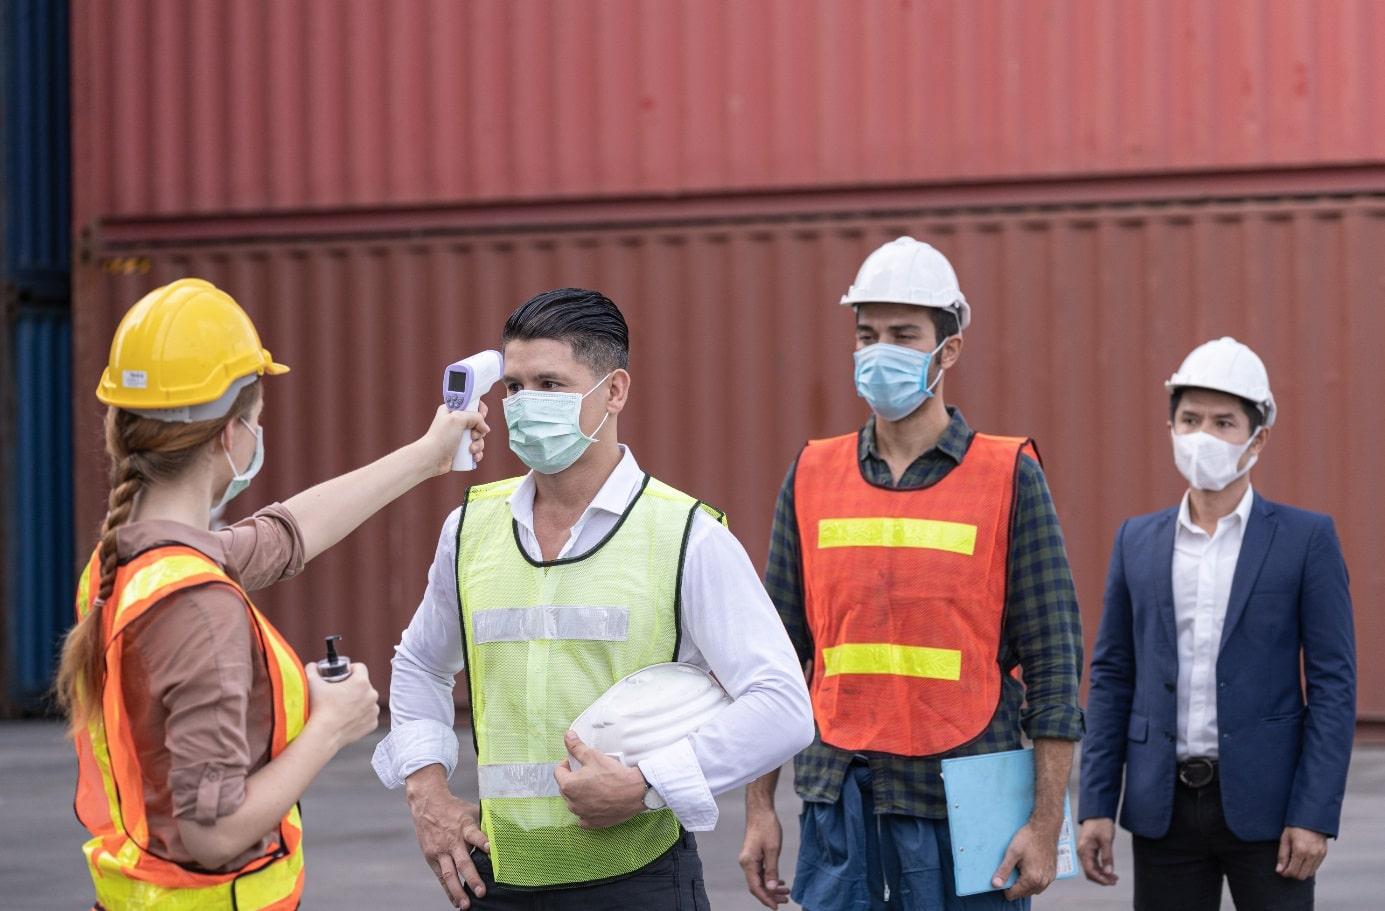 Sicurezza sul lavoro, come ottenere il credito d'imposta per l'adeguamento dei luoghi di lavoro alle prescrizioni sanitarie